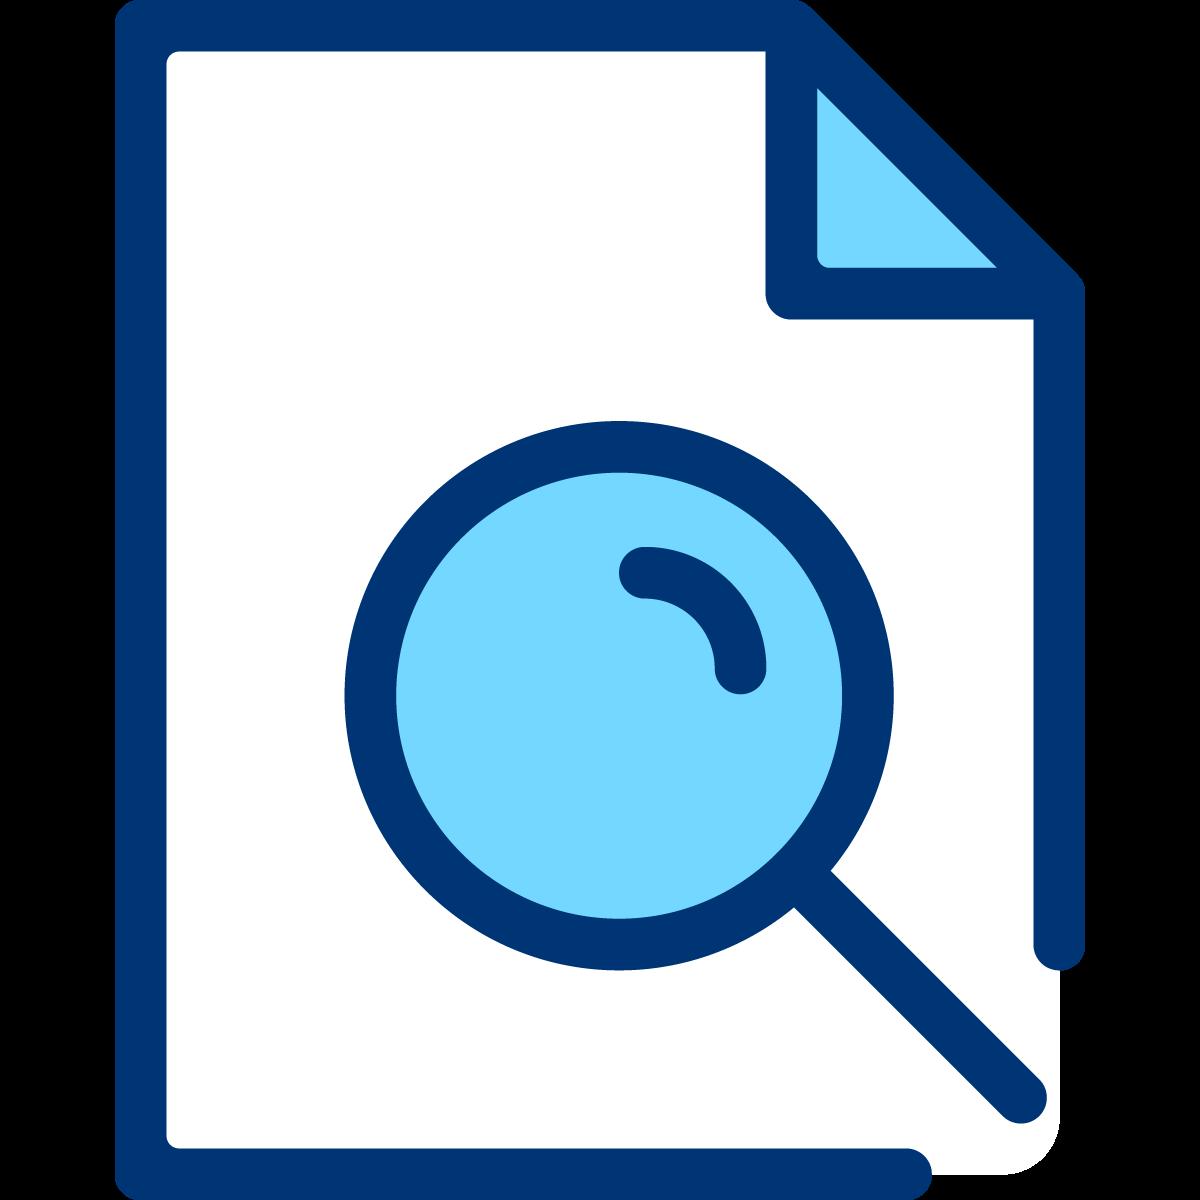 Beschikbaarheid documenten in DMS